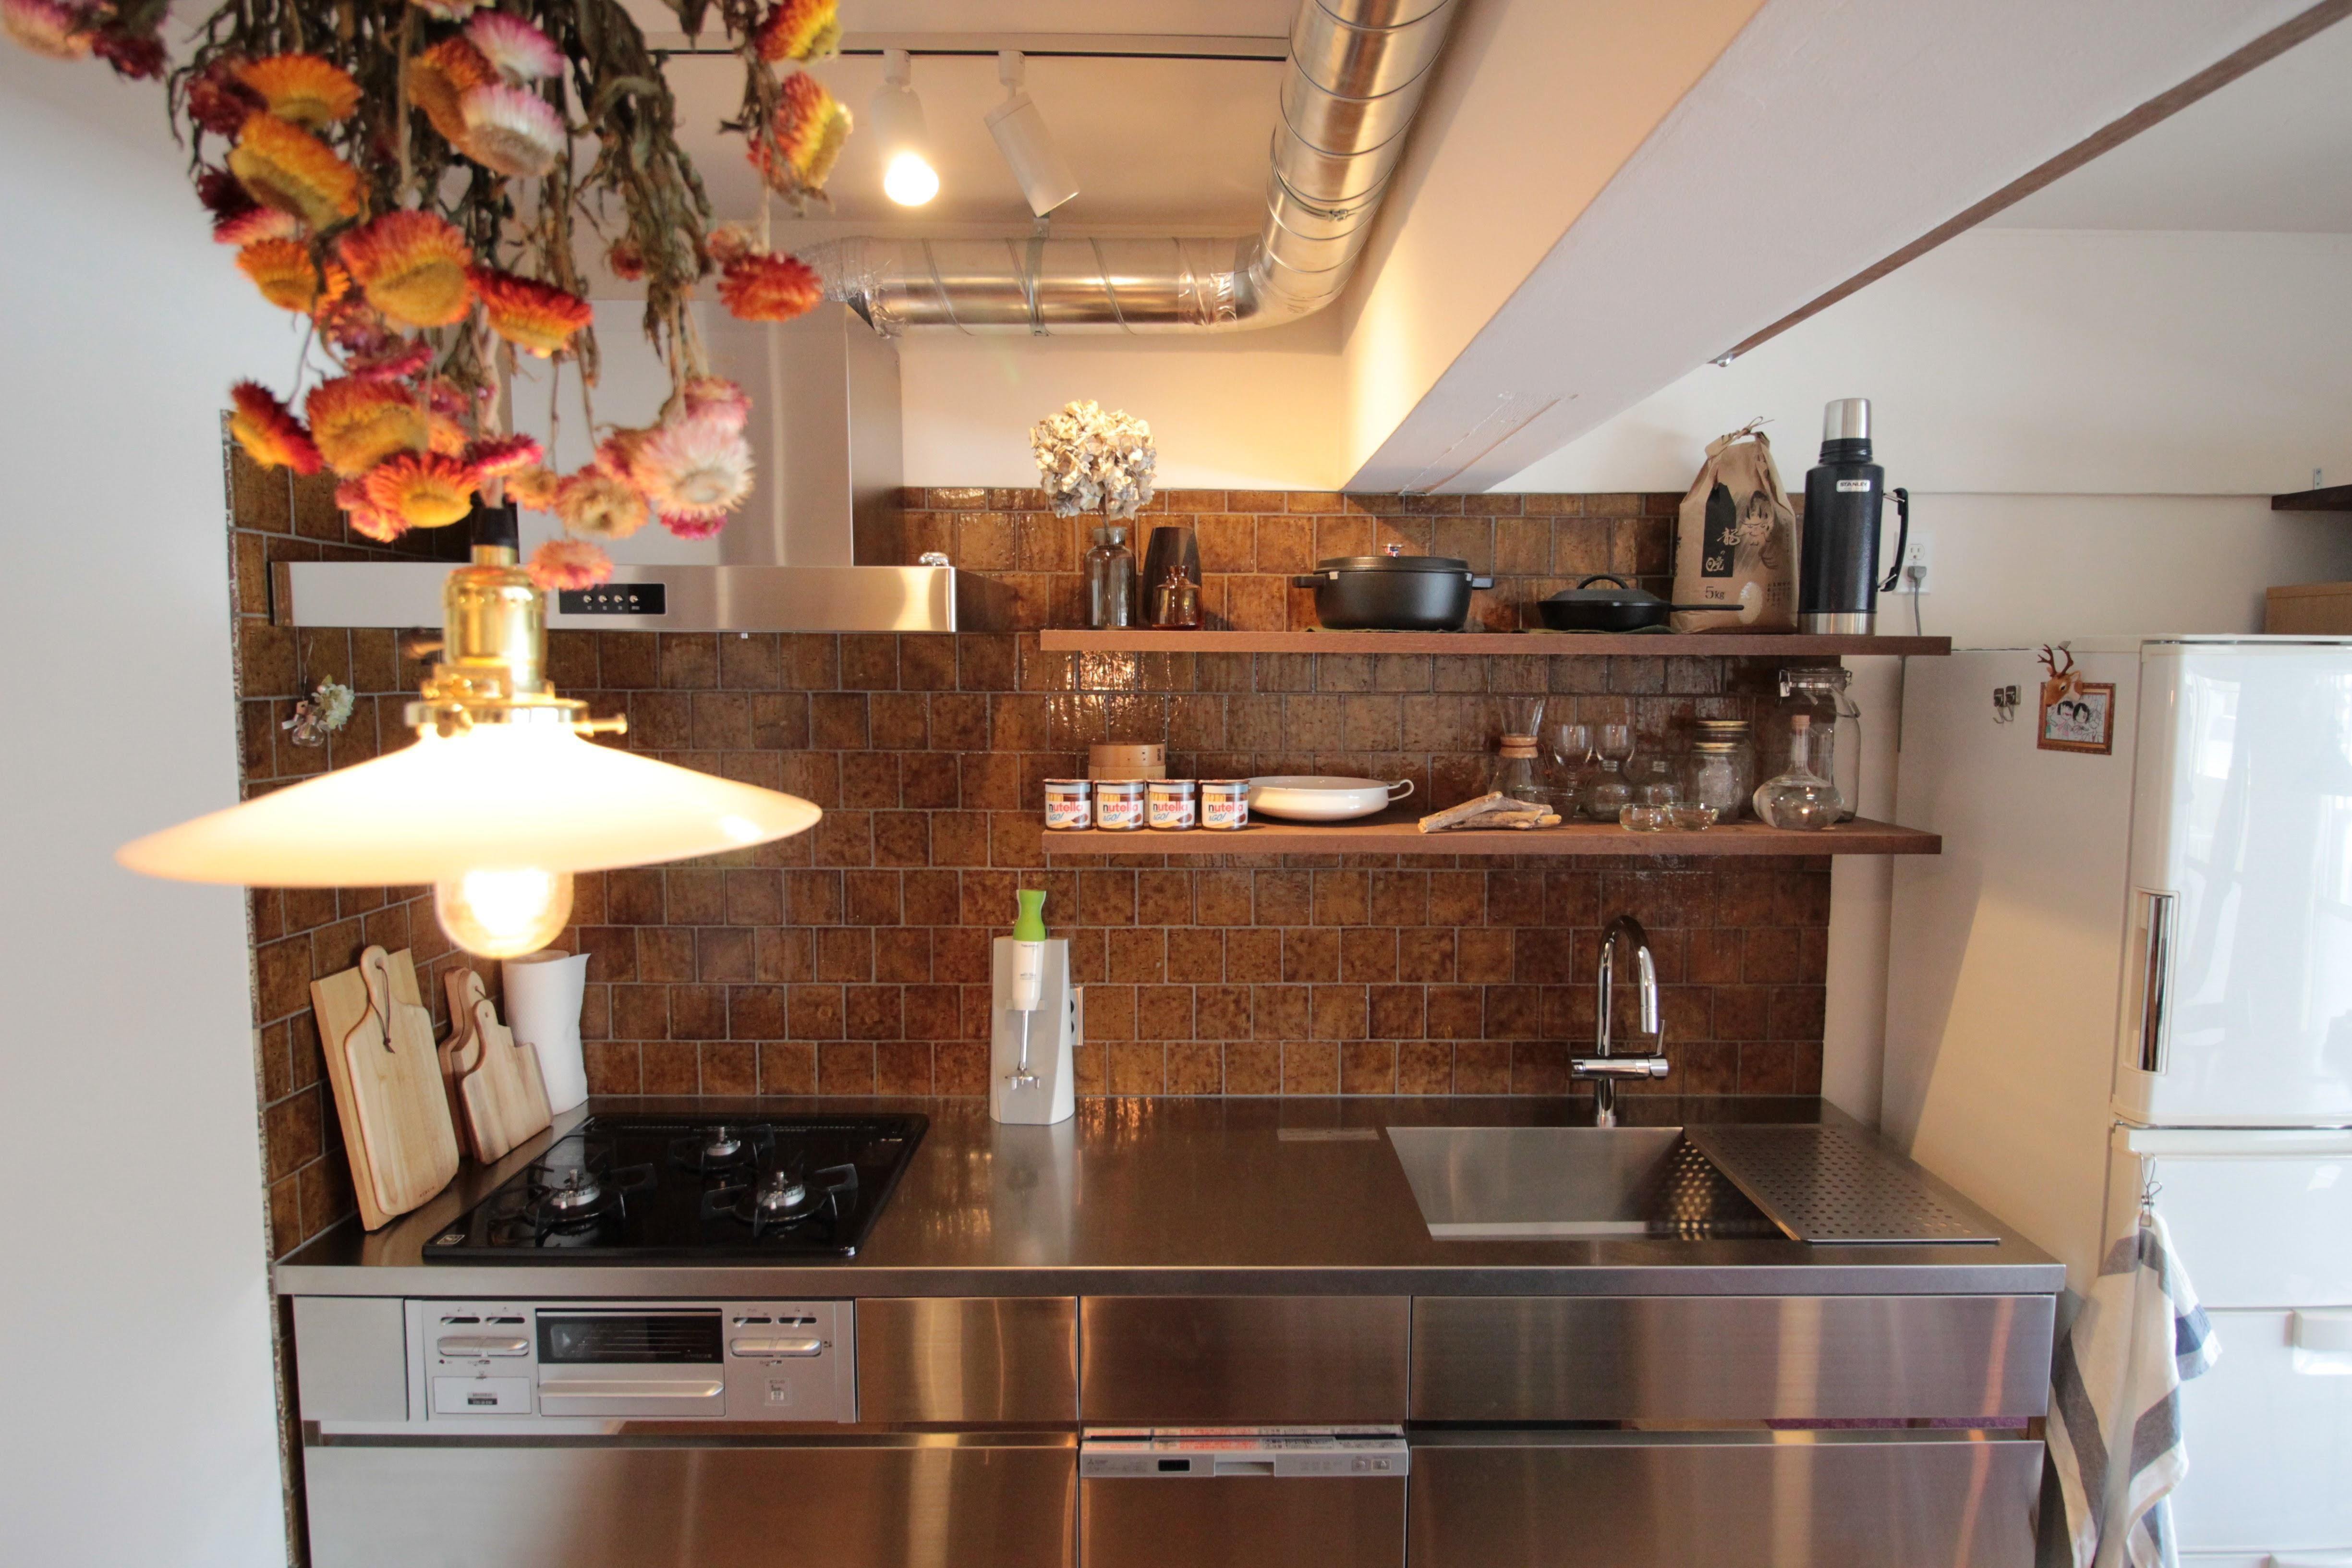 キッチンは空間を広くするため 壁付けのi型キッチン 壁にタイルを